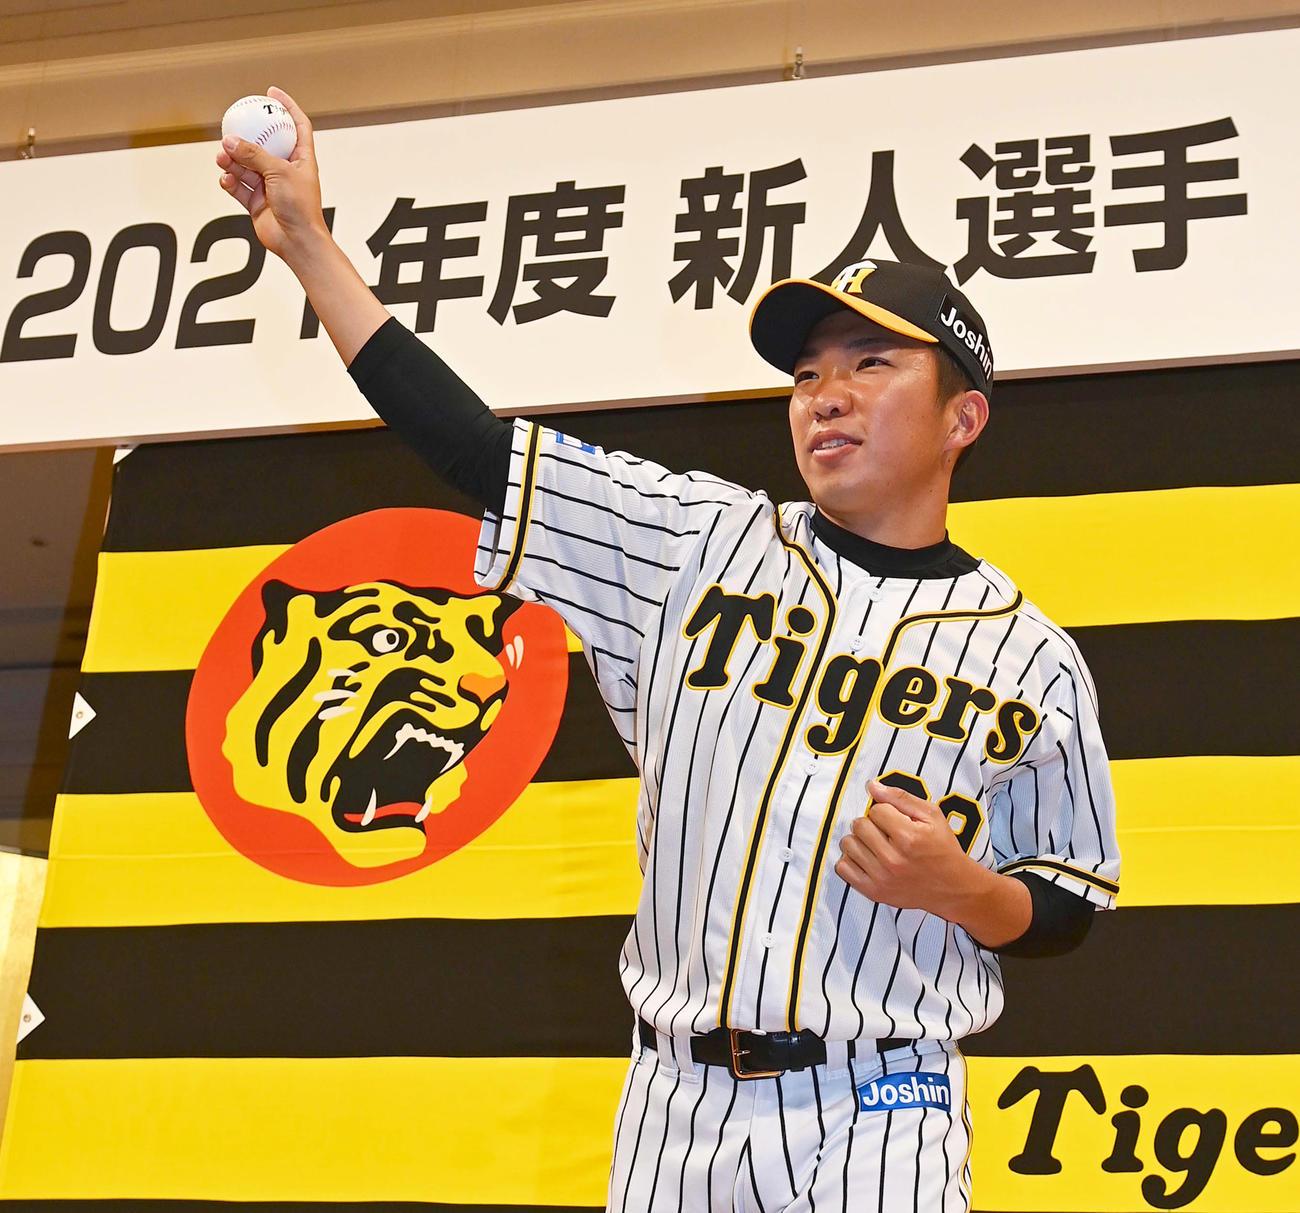 新人選手入団発表会で投球ポーズを披露するドラフト8位の石井大智(撮影・上田博志)